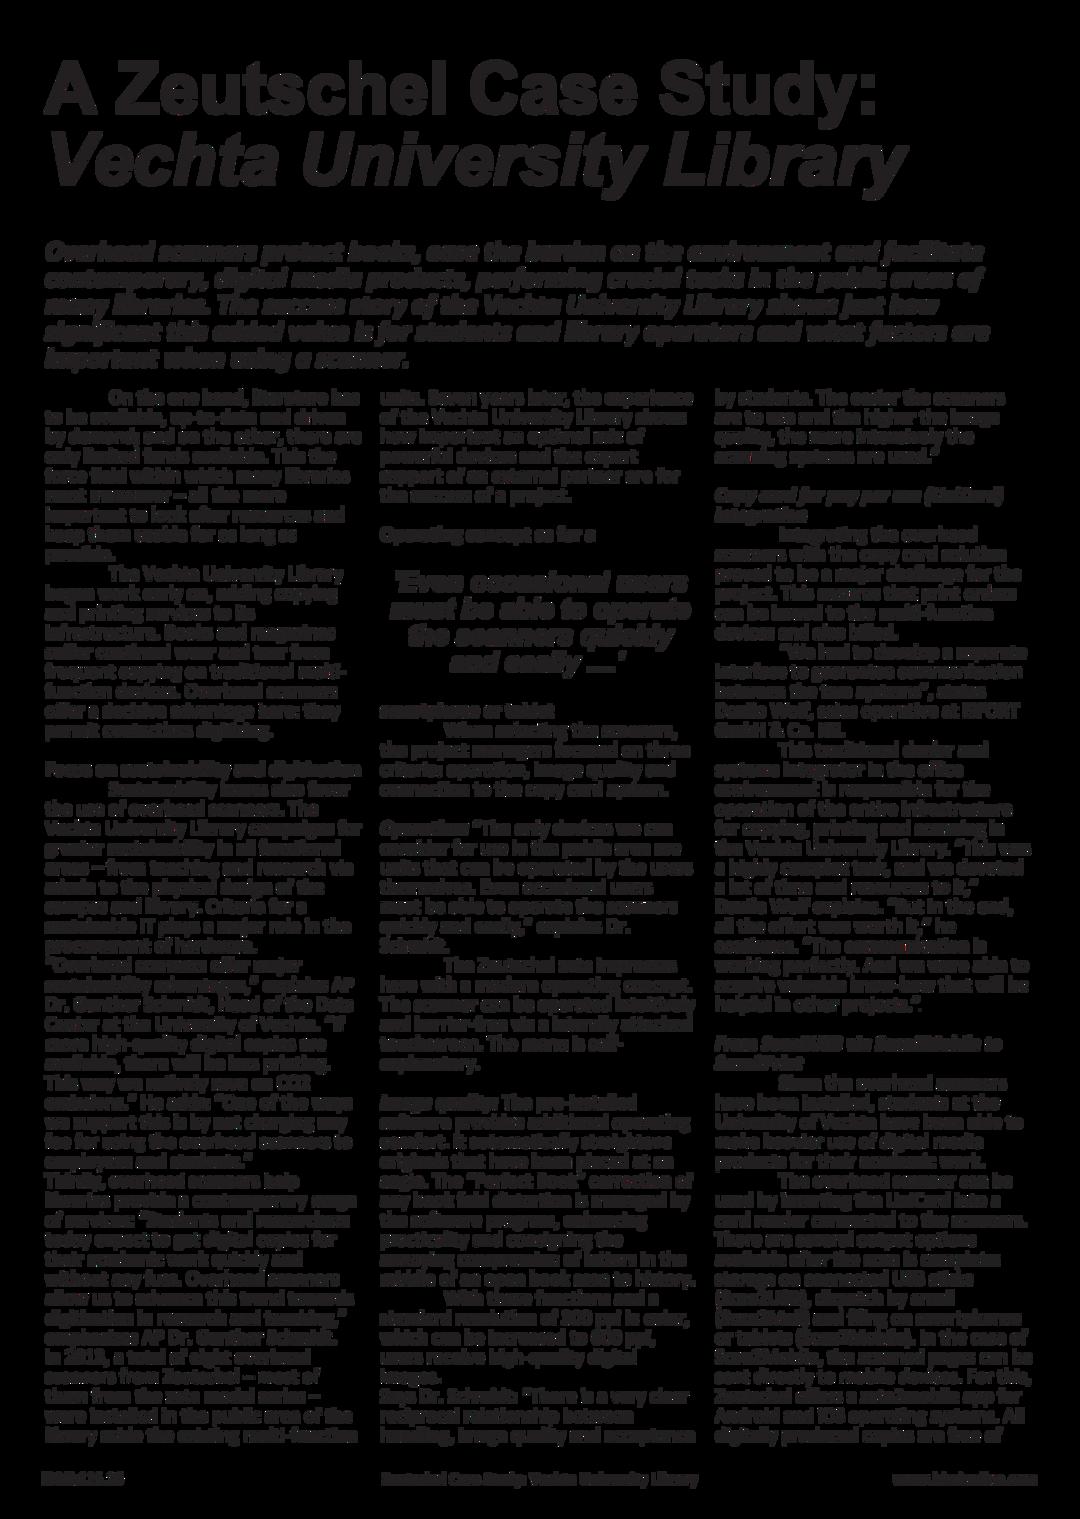 Page 16 of IDMi:116 - Zeutschel Case Study